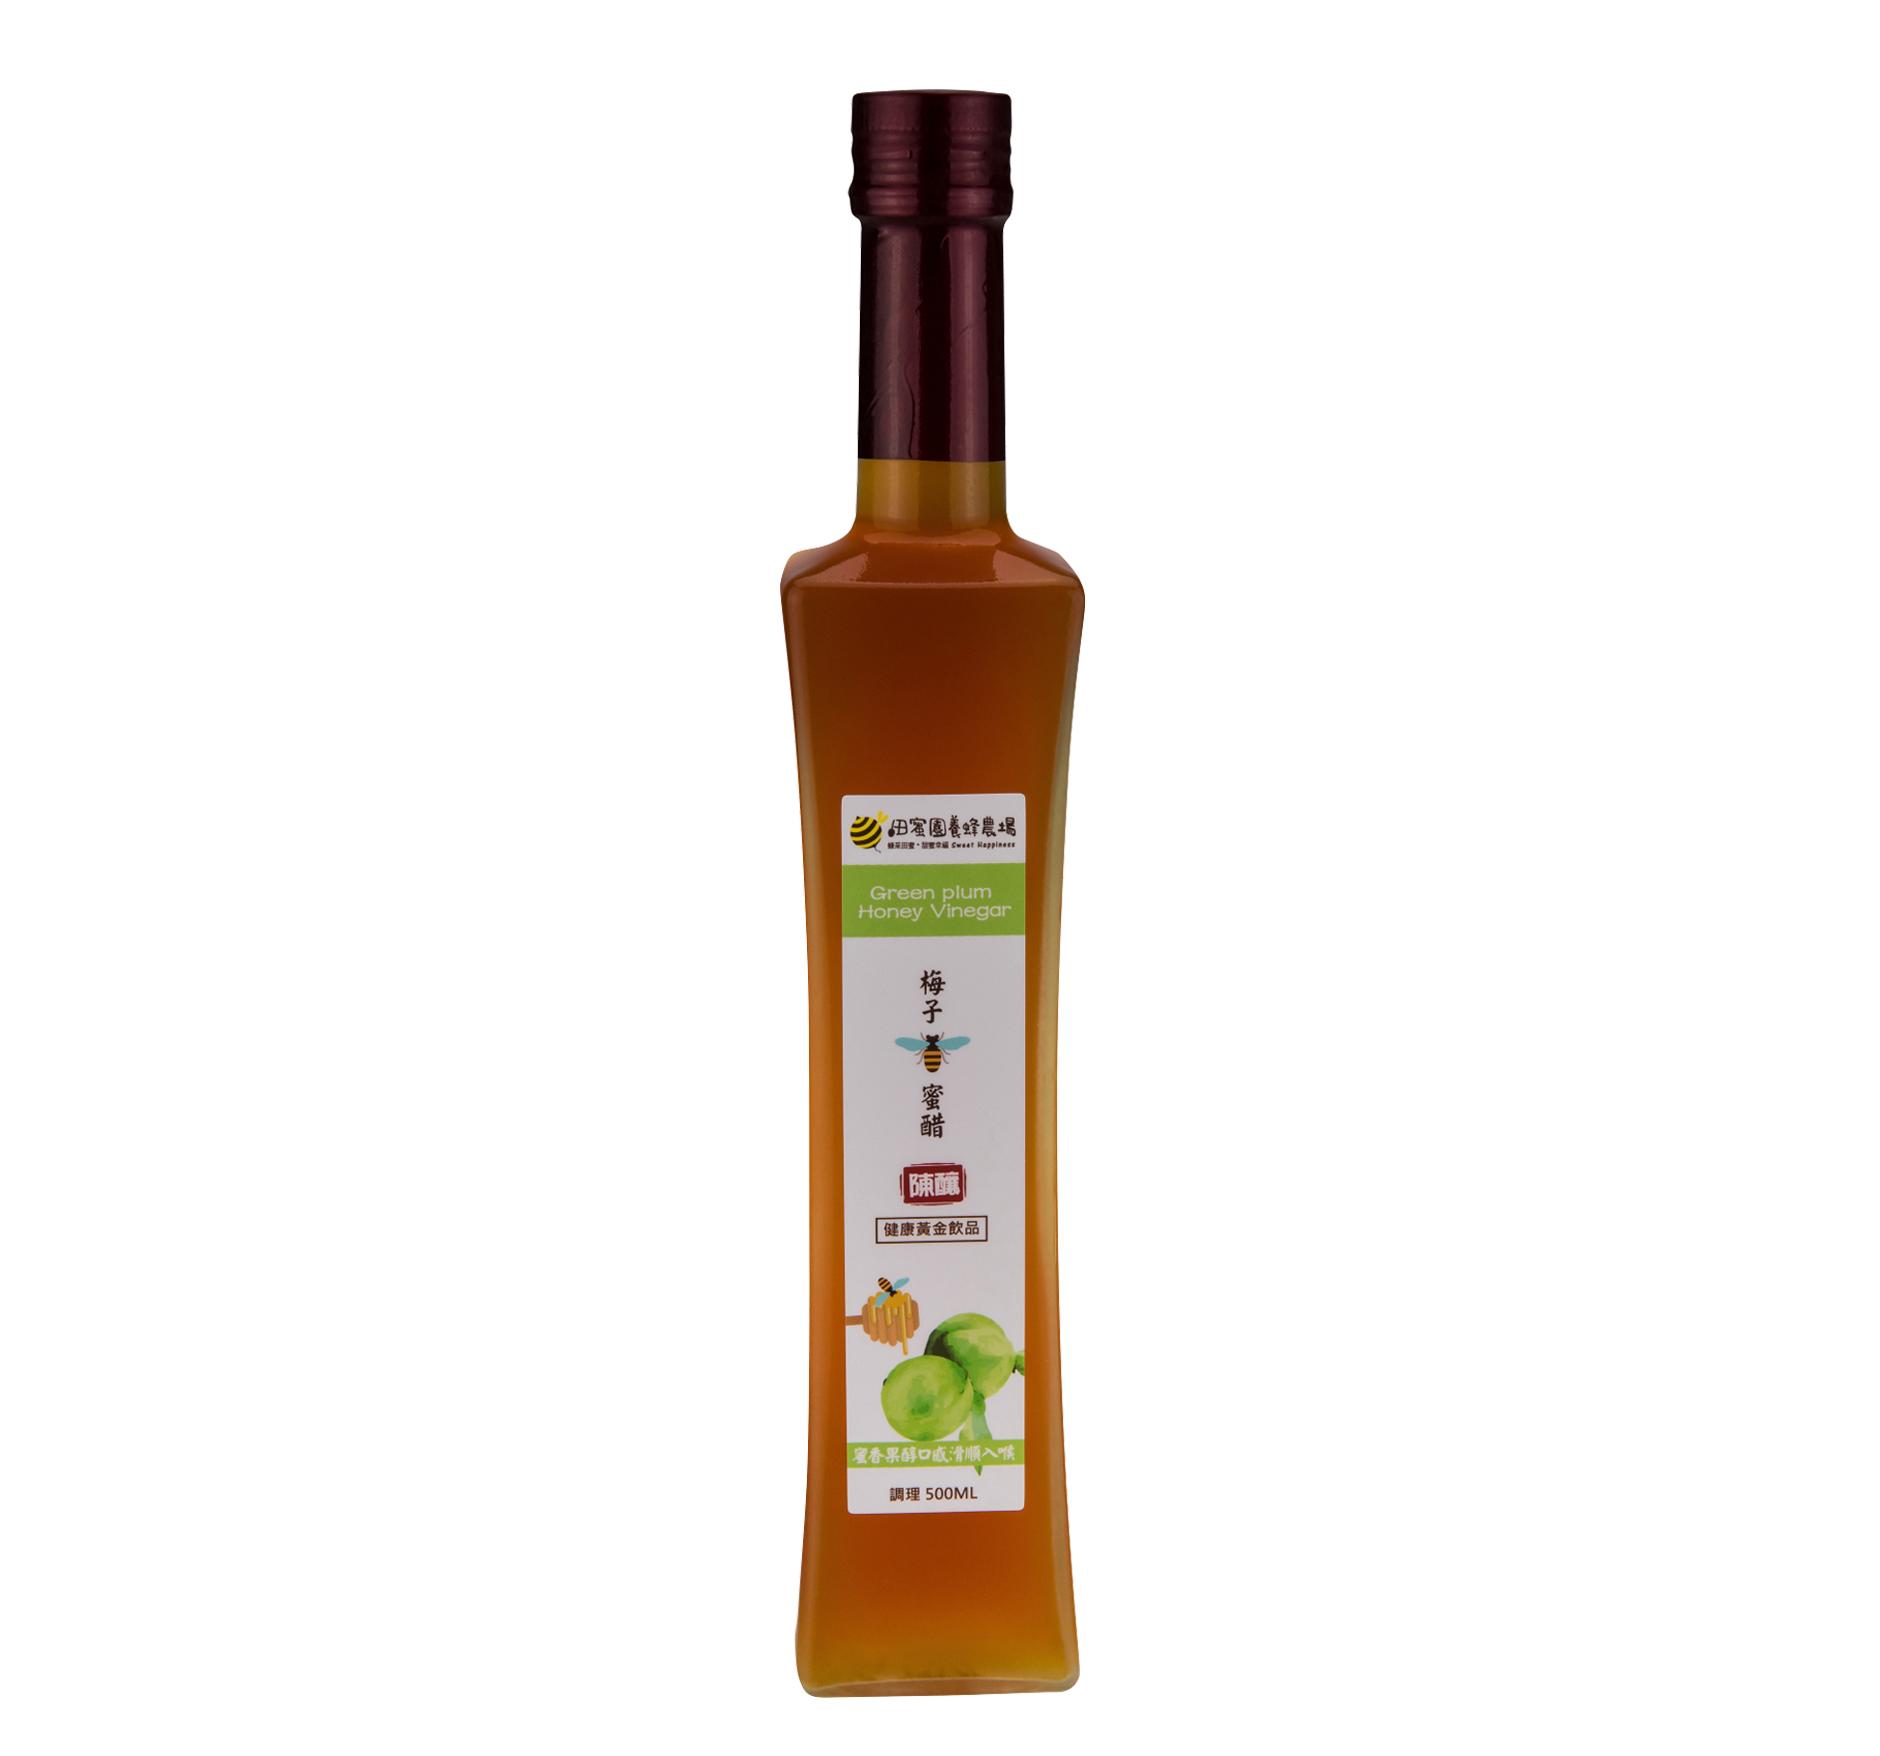 【田蜜園養蜂農場】真味有限公司|梅子蜂蜜醋|蜂蜜、蜂花粉、蜂王乳、蜂蜜醋系列